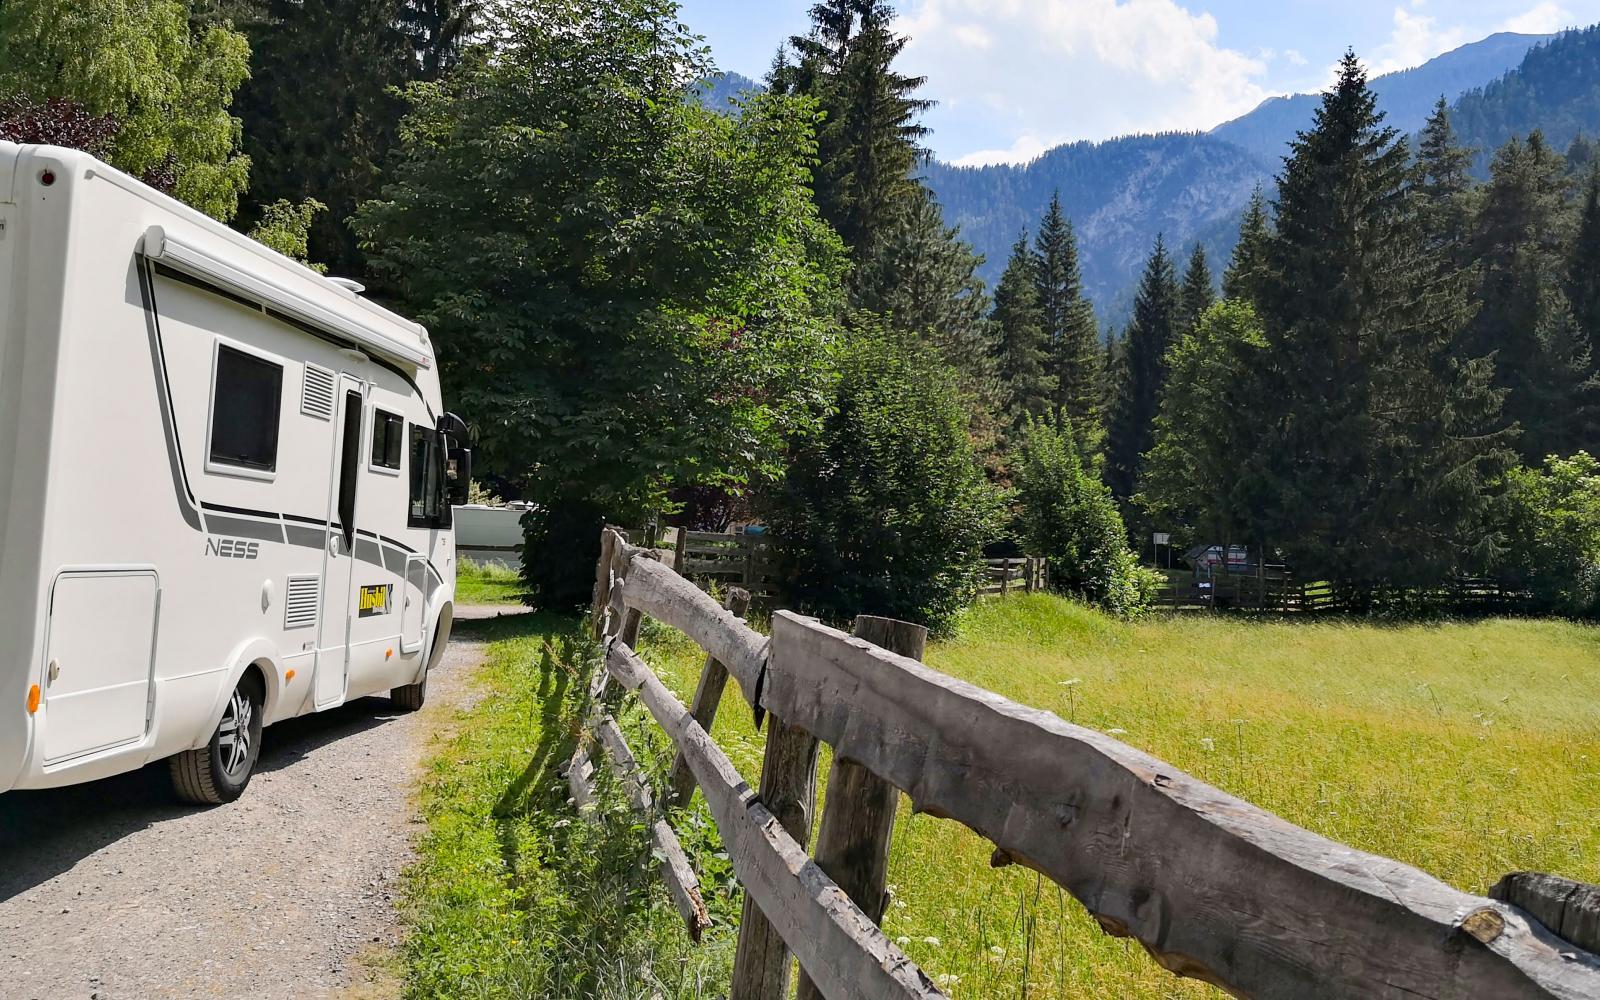 När vi kommer till incheckningen på campingen ser det väldigt ödsligt ut trots sommarsäsongen. Men vackert är det så vi väntar gärna på personalen en stund.